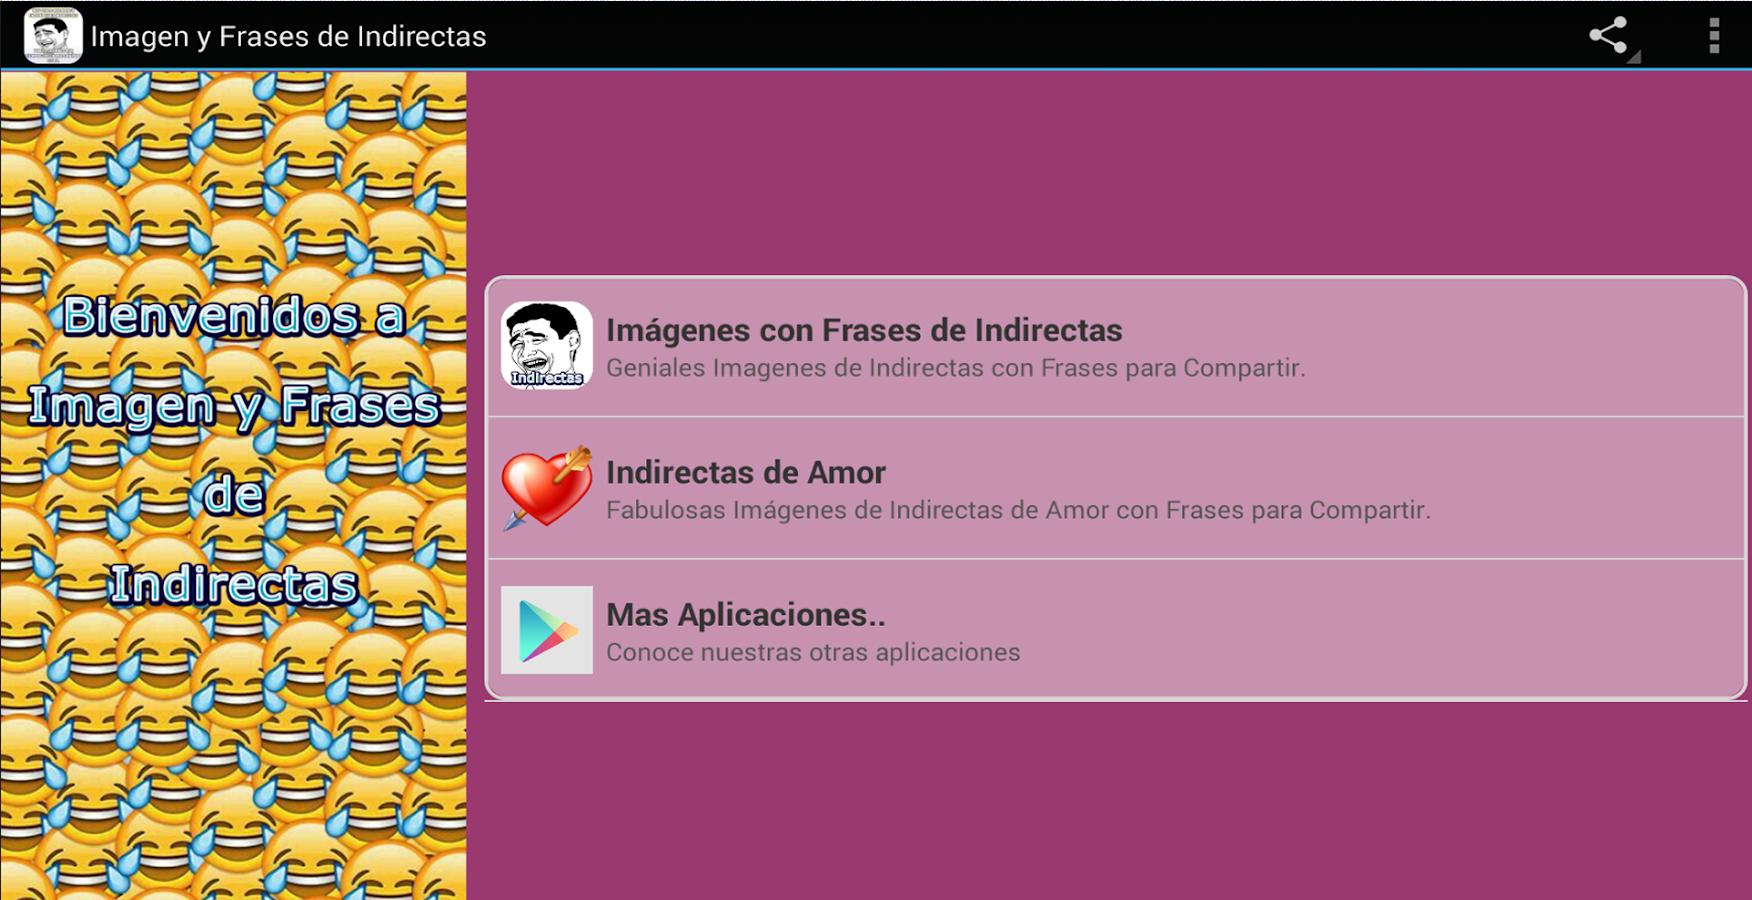 Frases De Indirectas De Amor Para Whatsapp